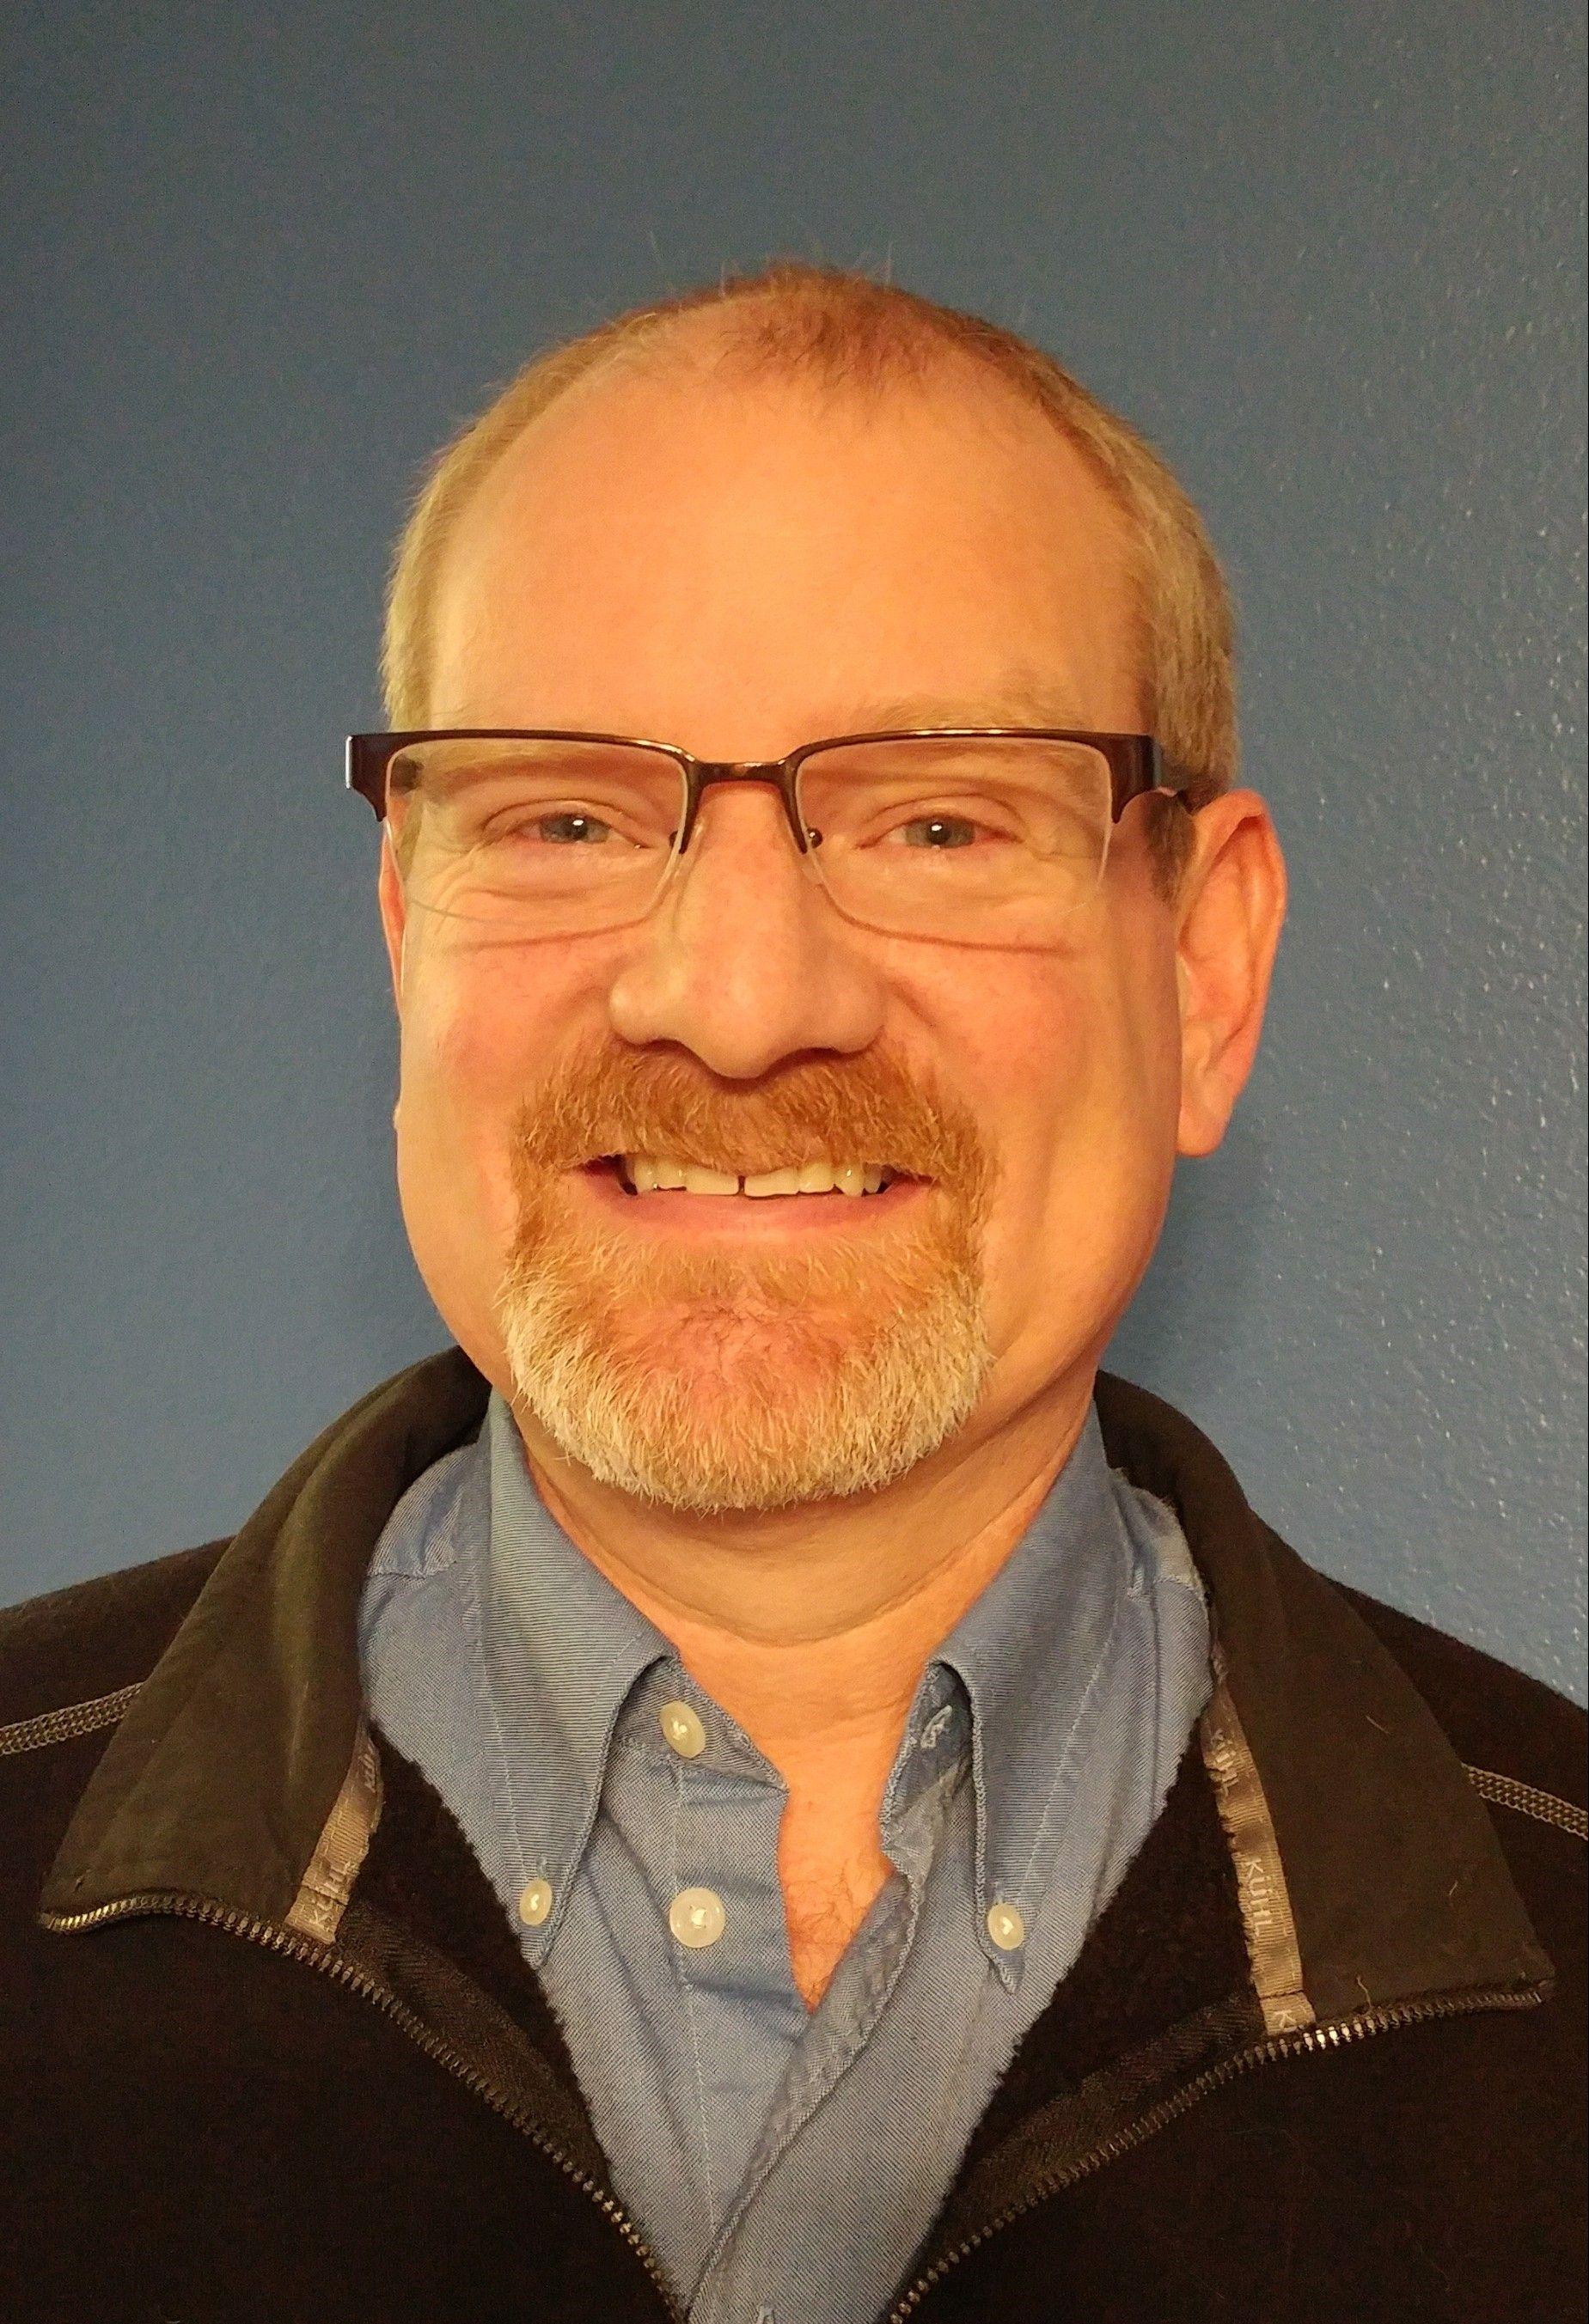 Dr. Paul Brumett DVM, CCRP, cAVCA, HTAP